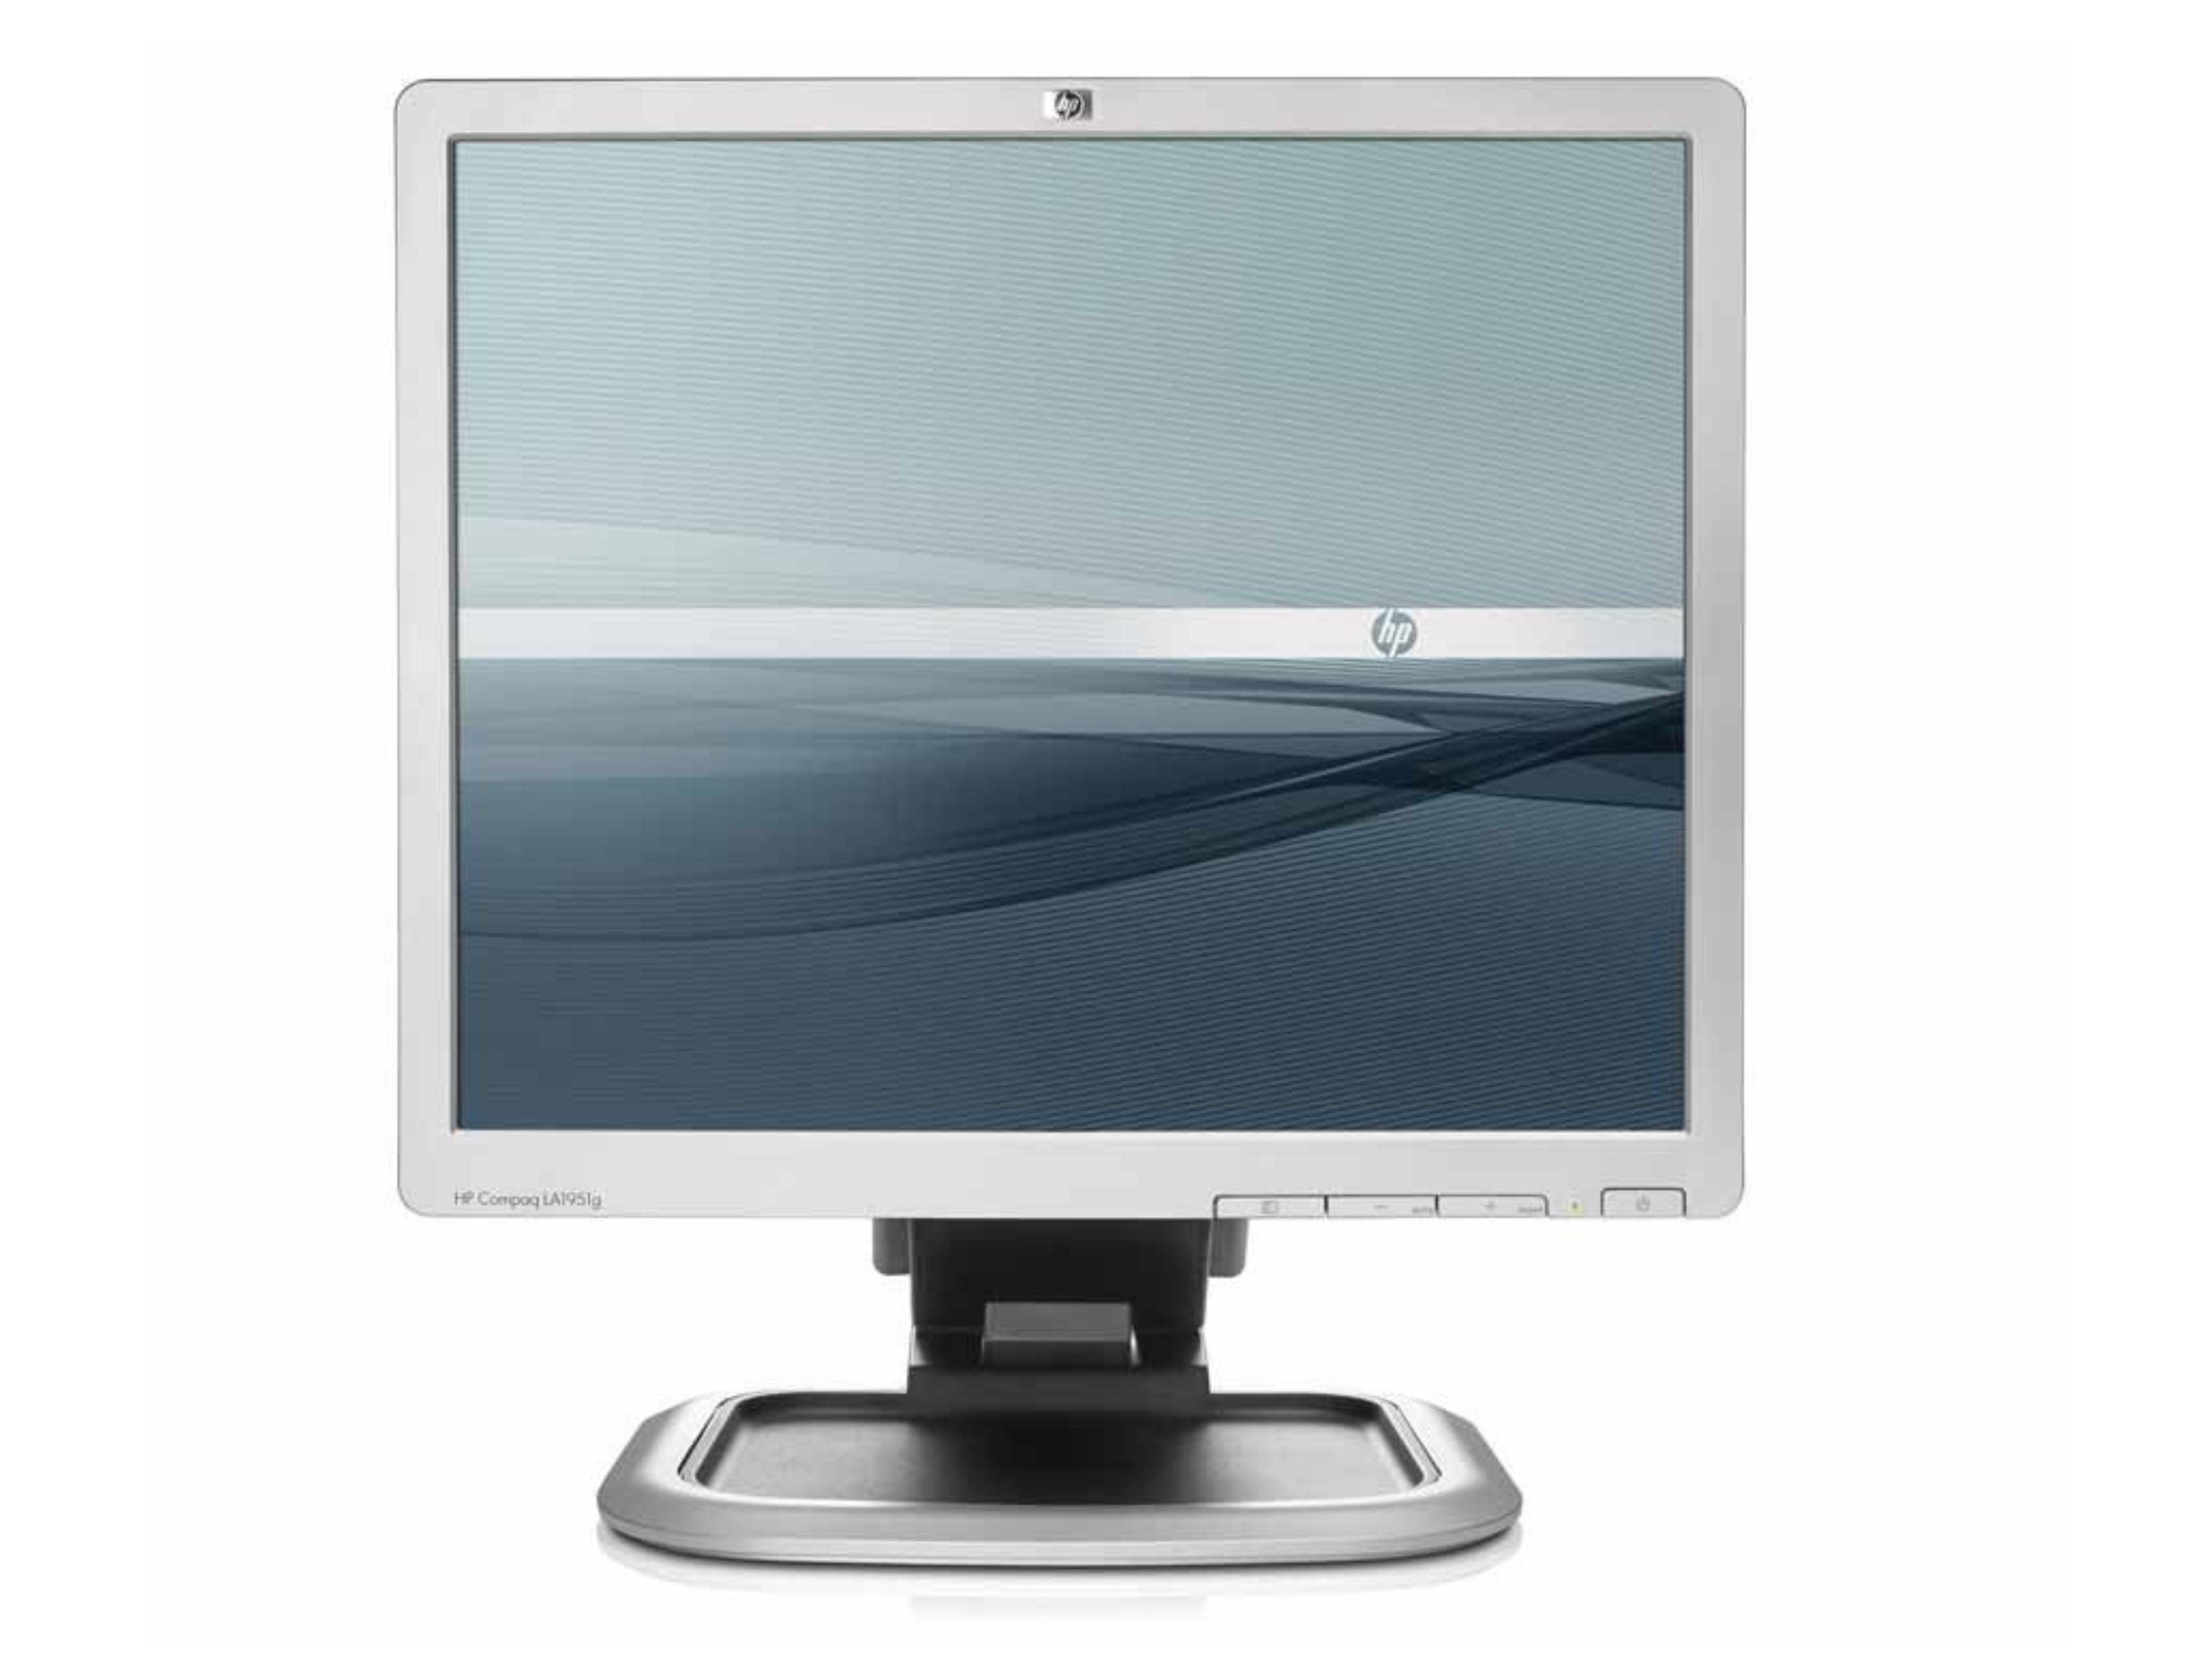 Οθόνη HP Ref. 19 LA1951G BL SL GB